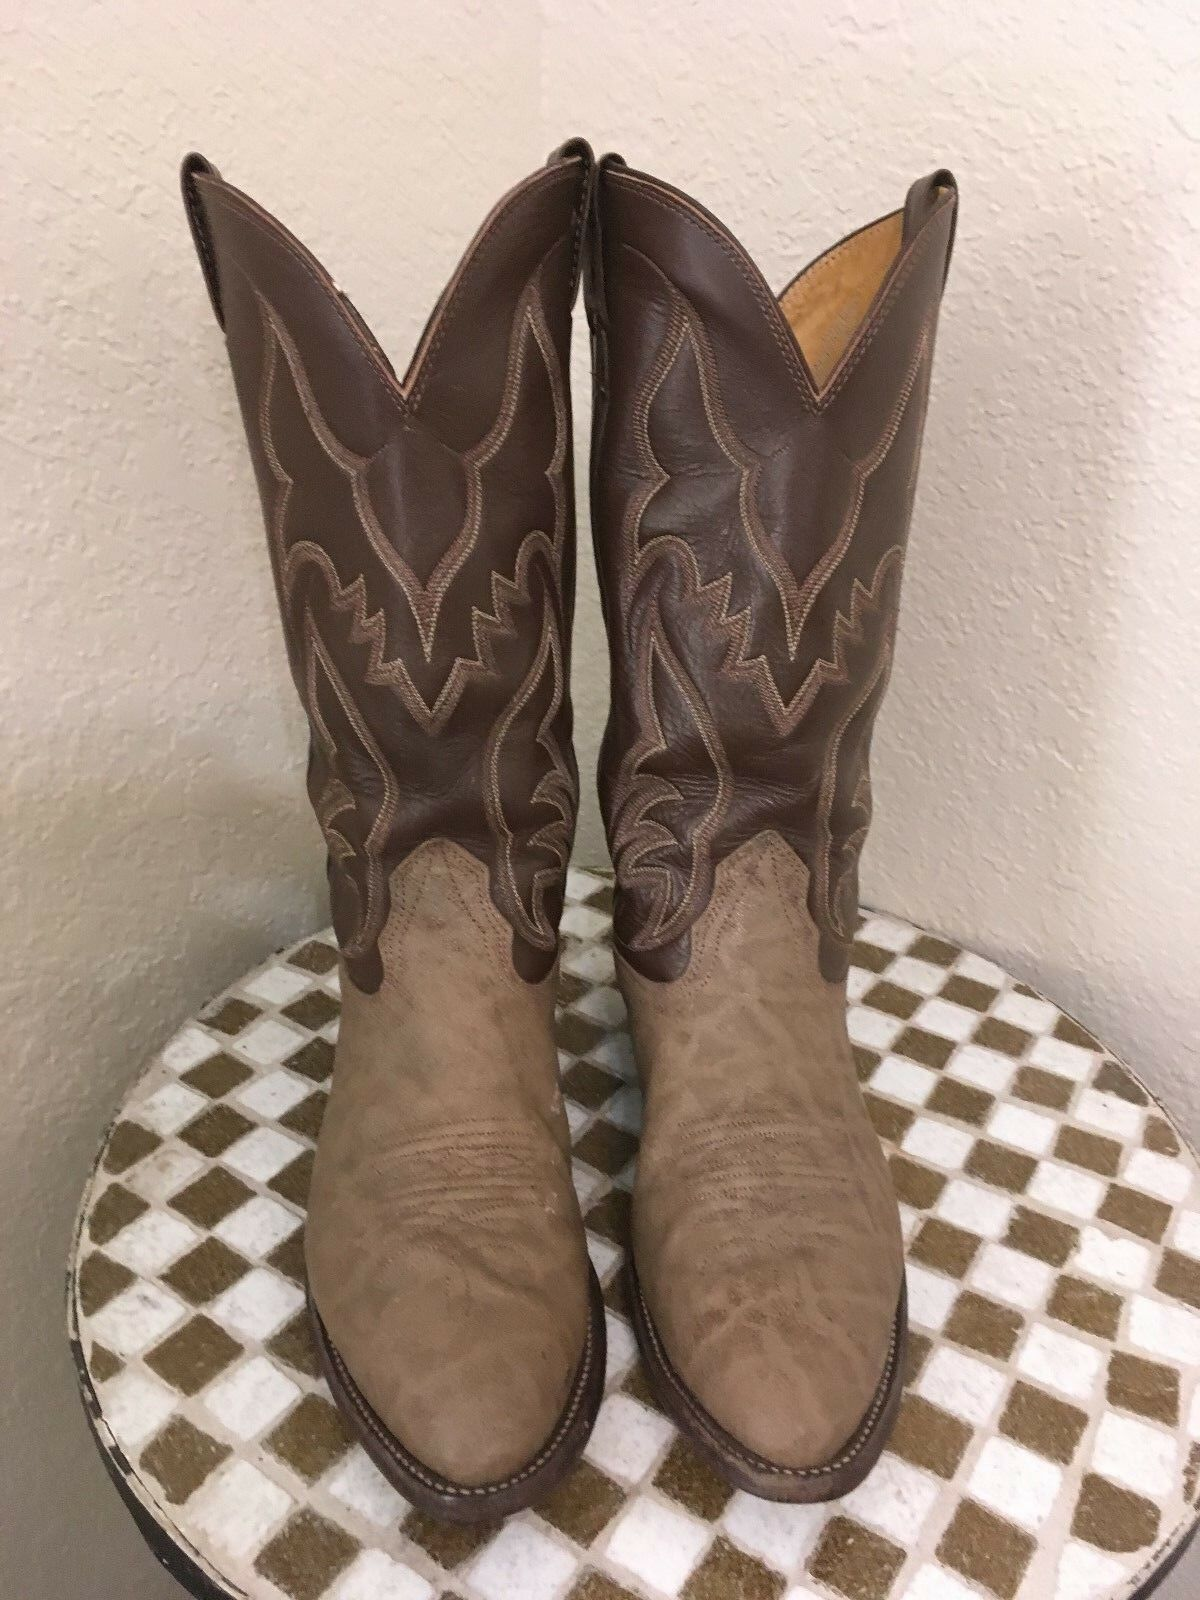 USA Nocona Cuero Marrón De Colección Occidental botas De Vaquero 8.5E